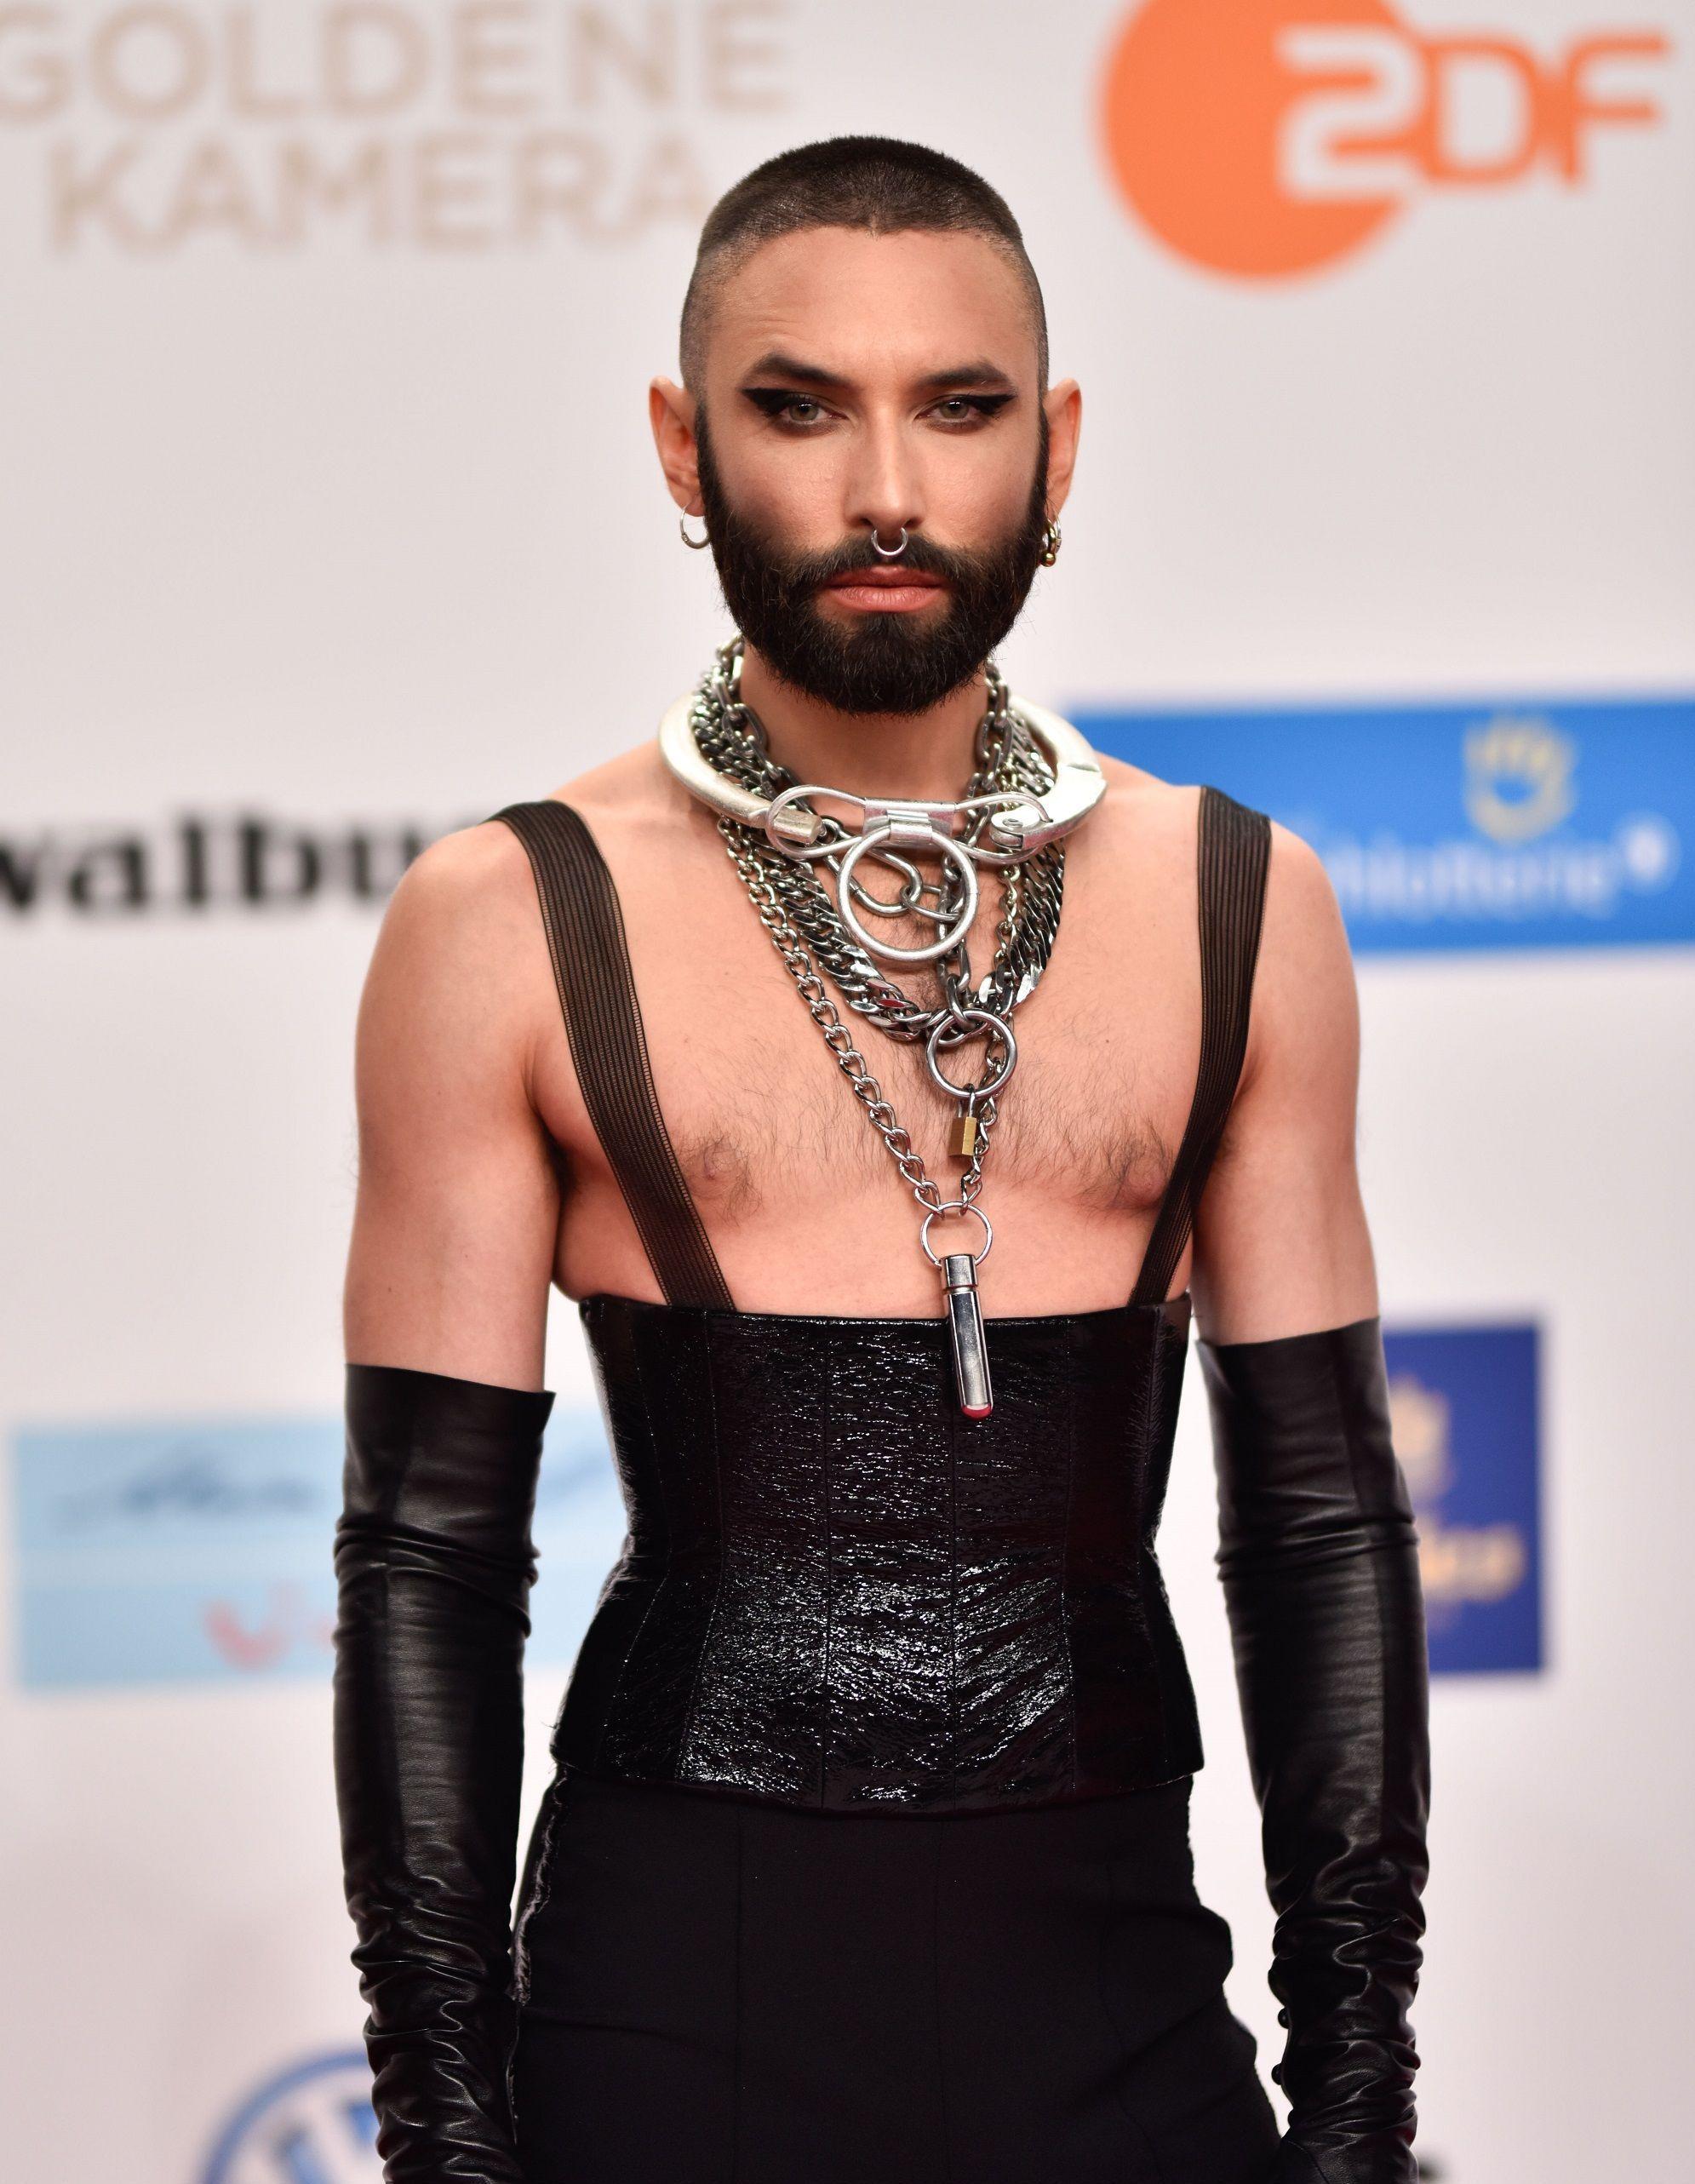 Eurovision 2019 Conchita Wurst Va Faire Son Grand Retour